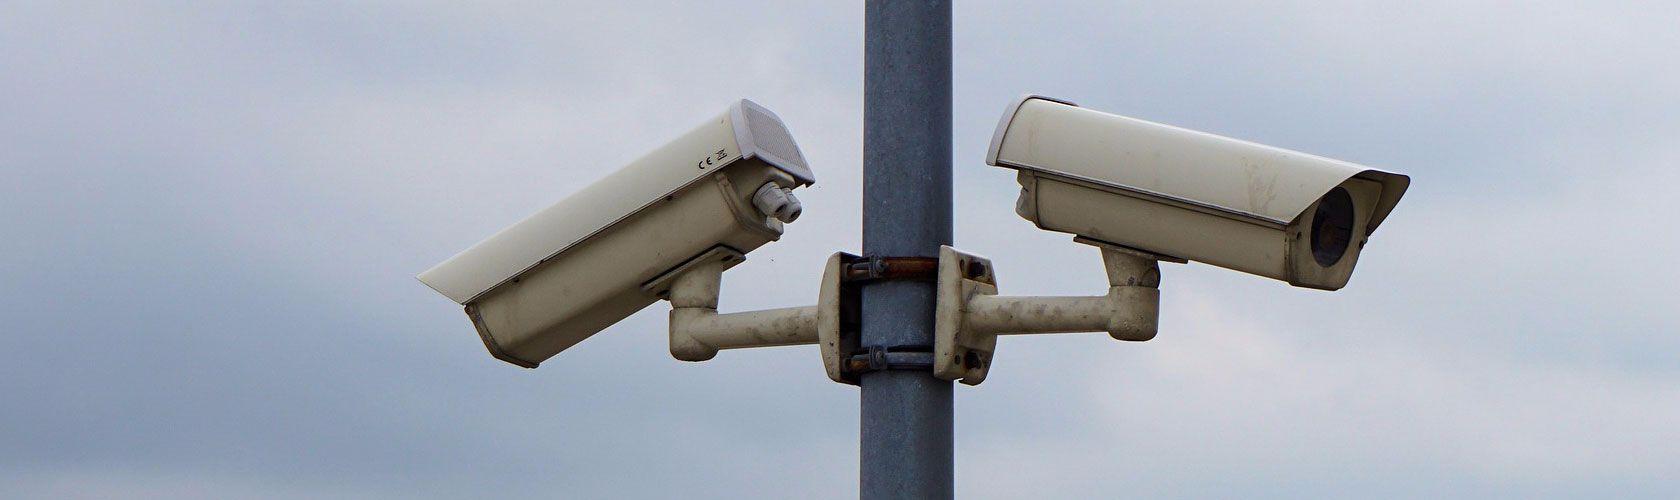 Sicherheitsequipment Sicherheitsausstattung Hannover